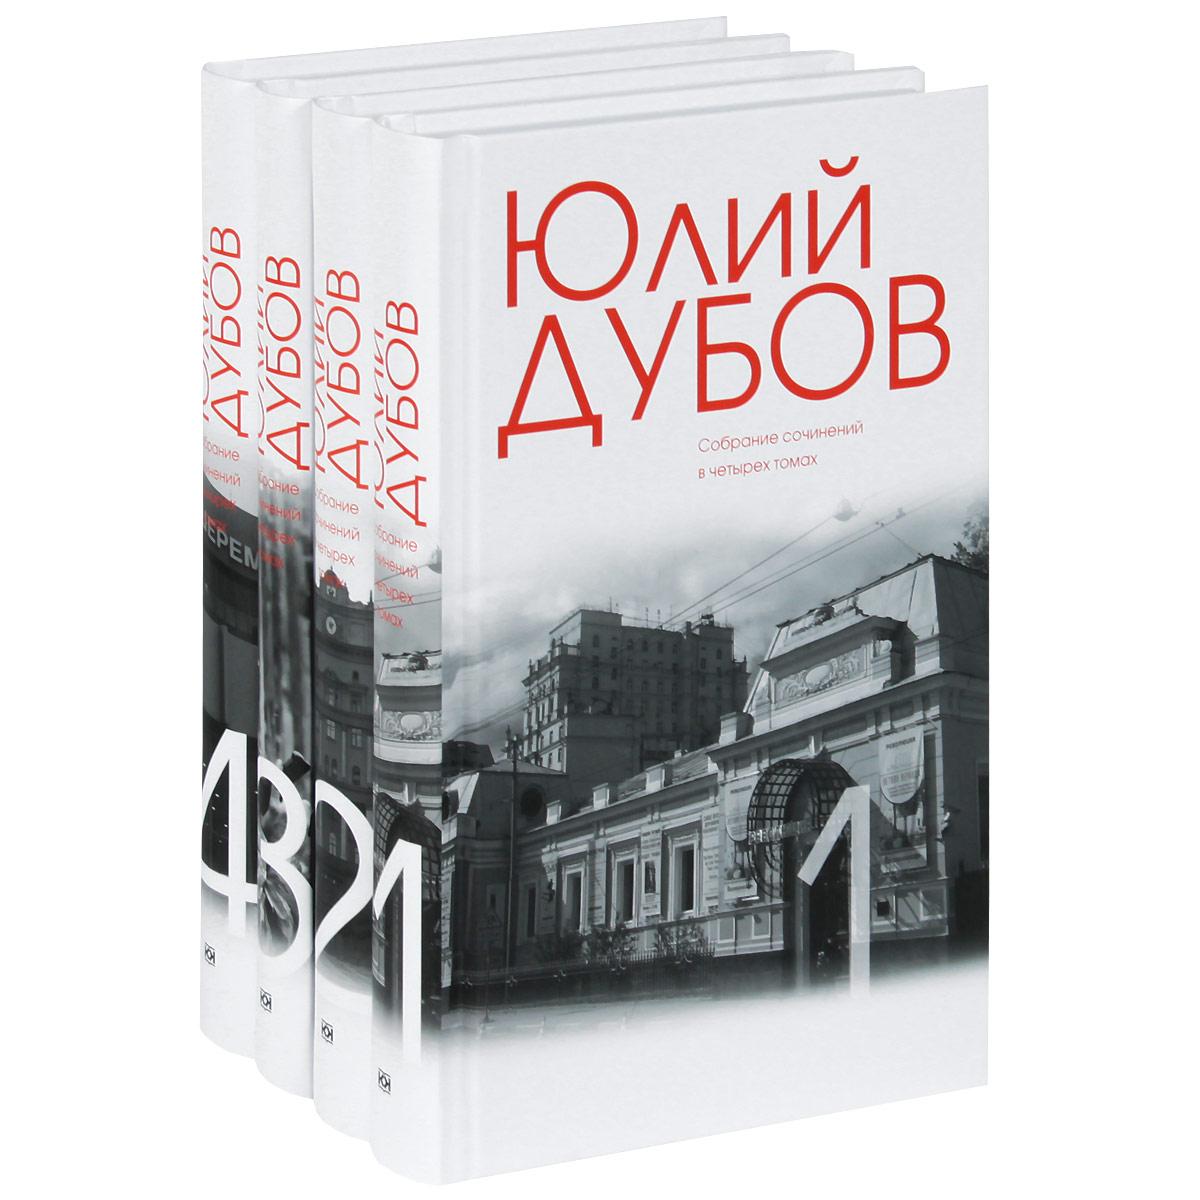 Юлий Дубов Юлий Дубов. Собрание сочинений (комплект из 4 книг) фильм